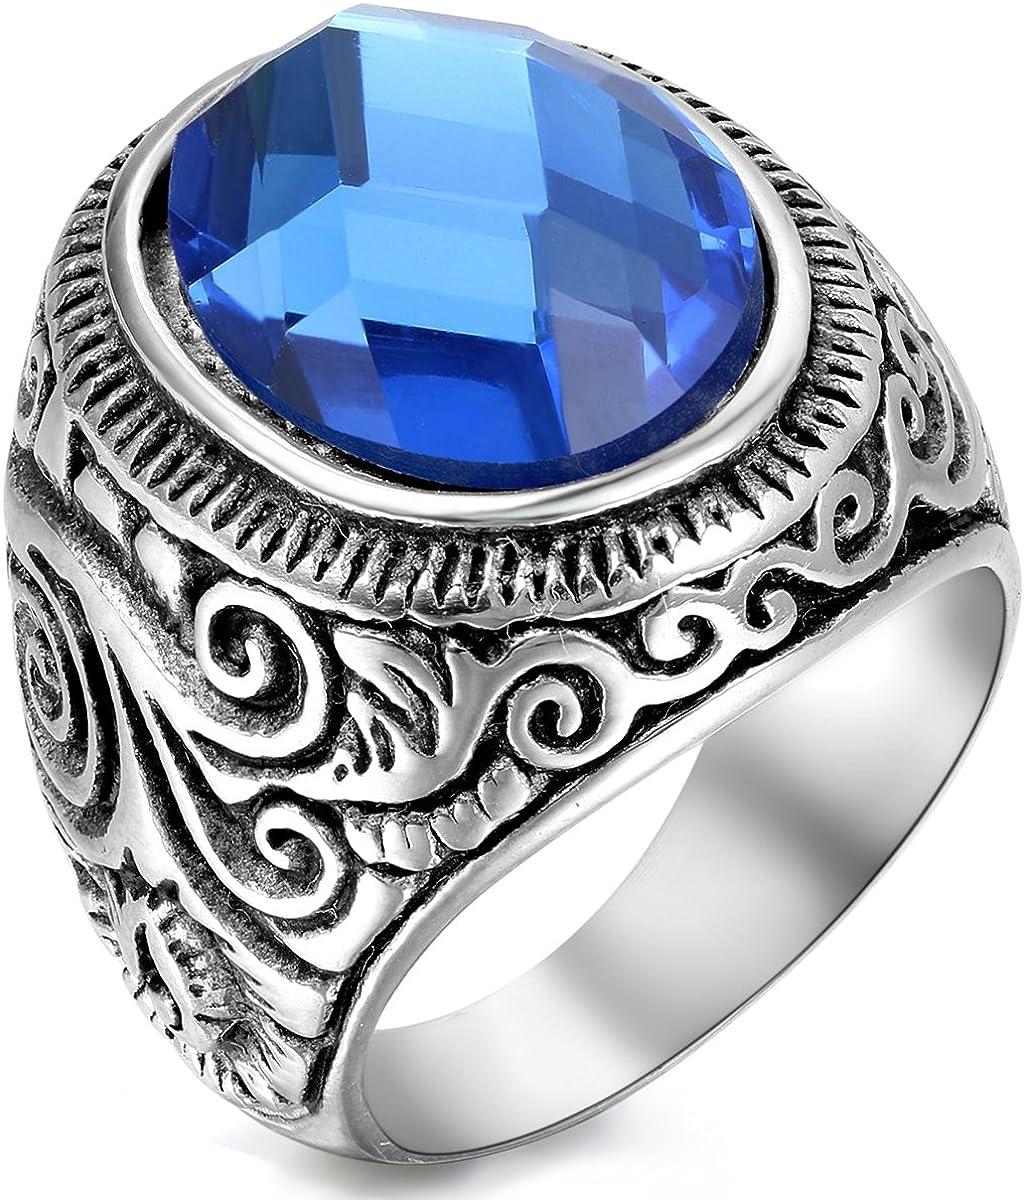 Flongo Anillo Mujer/Hombre Acero Inoxidable, Estrella del mar Piedra Azul Cristal, Estilo Retro Grande